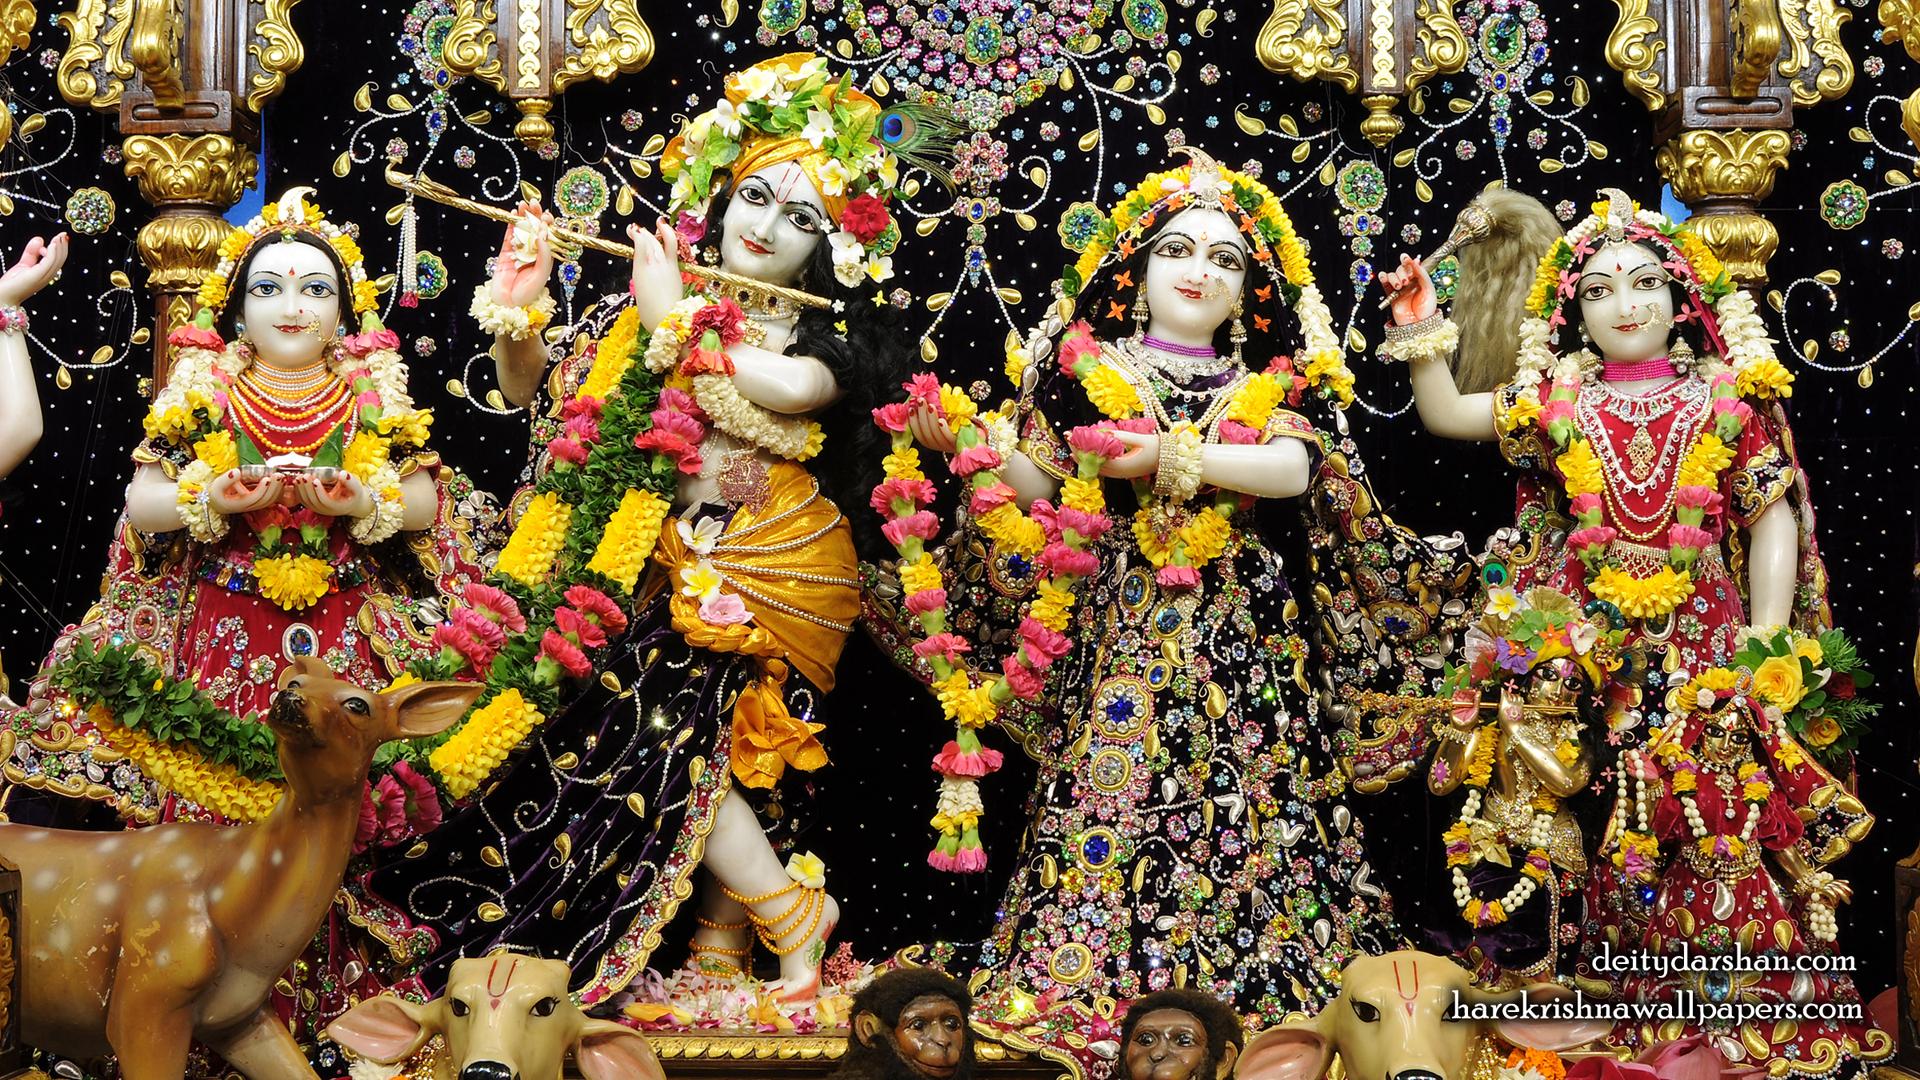 Sri Sri Radha Gopinath Lalita Vishakha Wallpaper (063) Size 1920x1080 Download